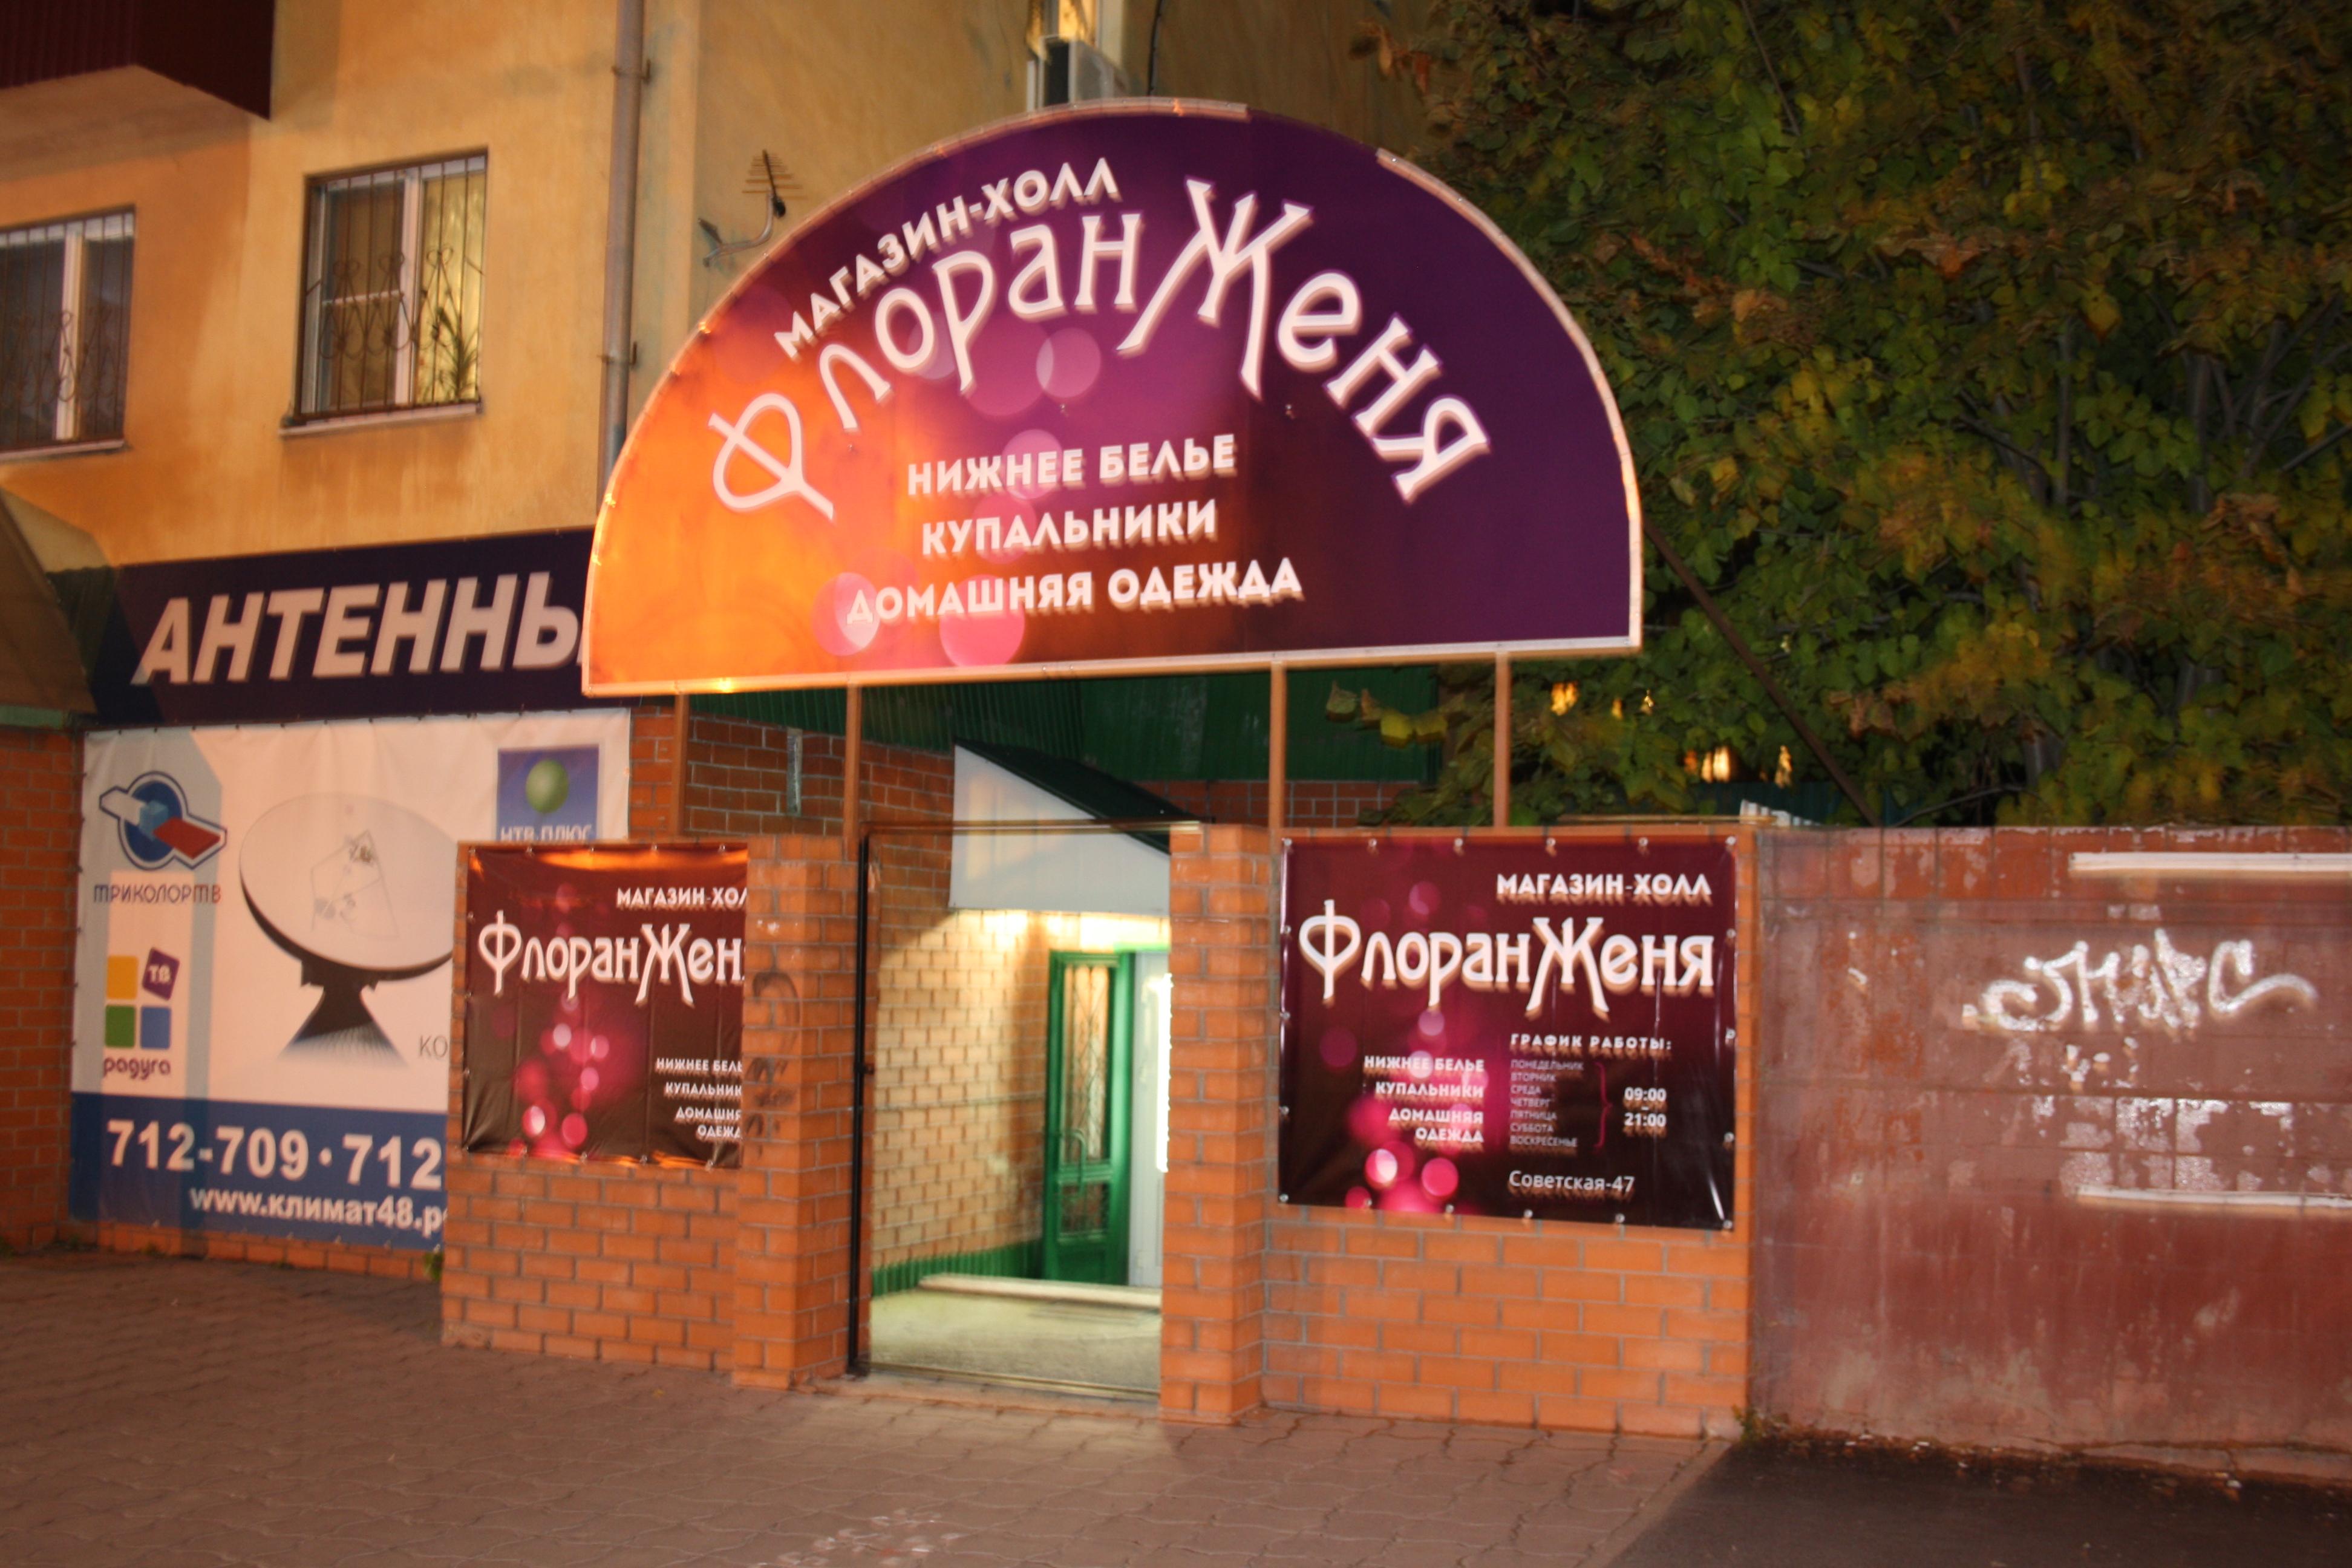 Магазин-холл нижнего белья в Липецке ФлоранЖеня